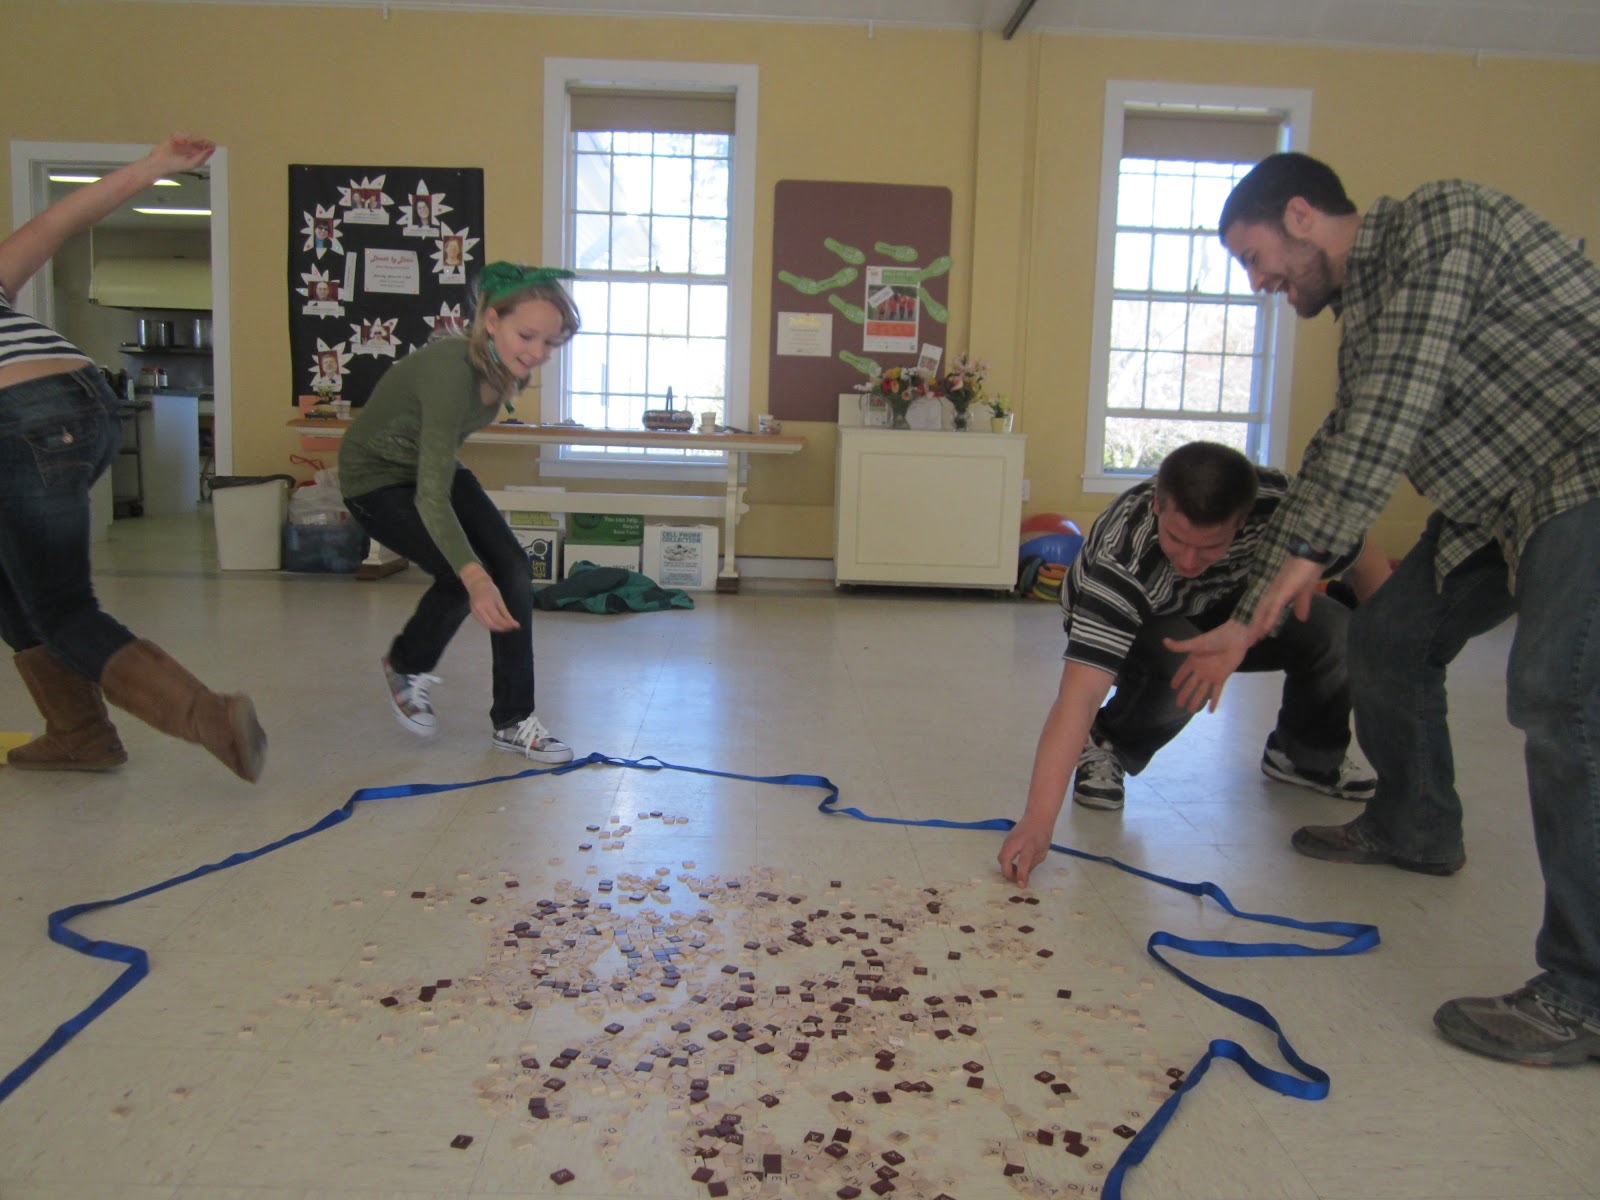 Teamwork Activities for Middle Schoolers